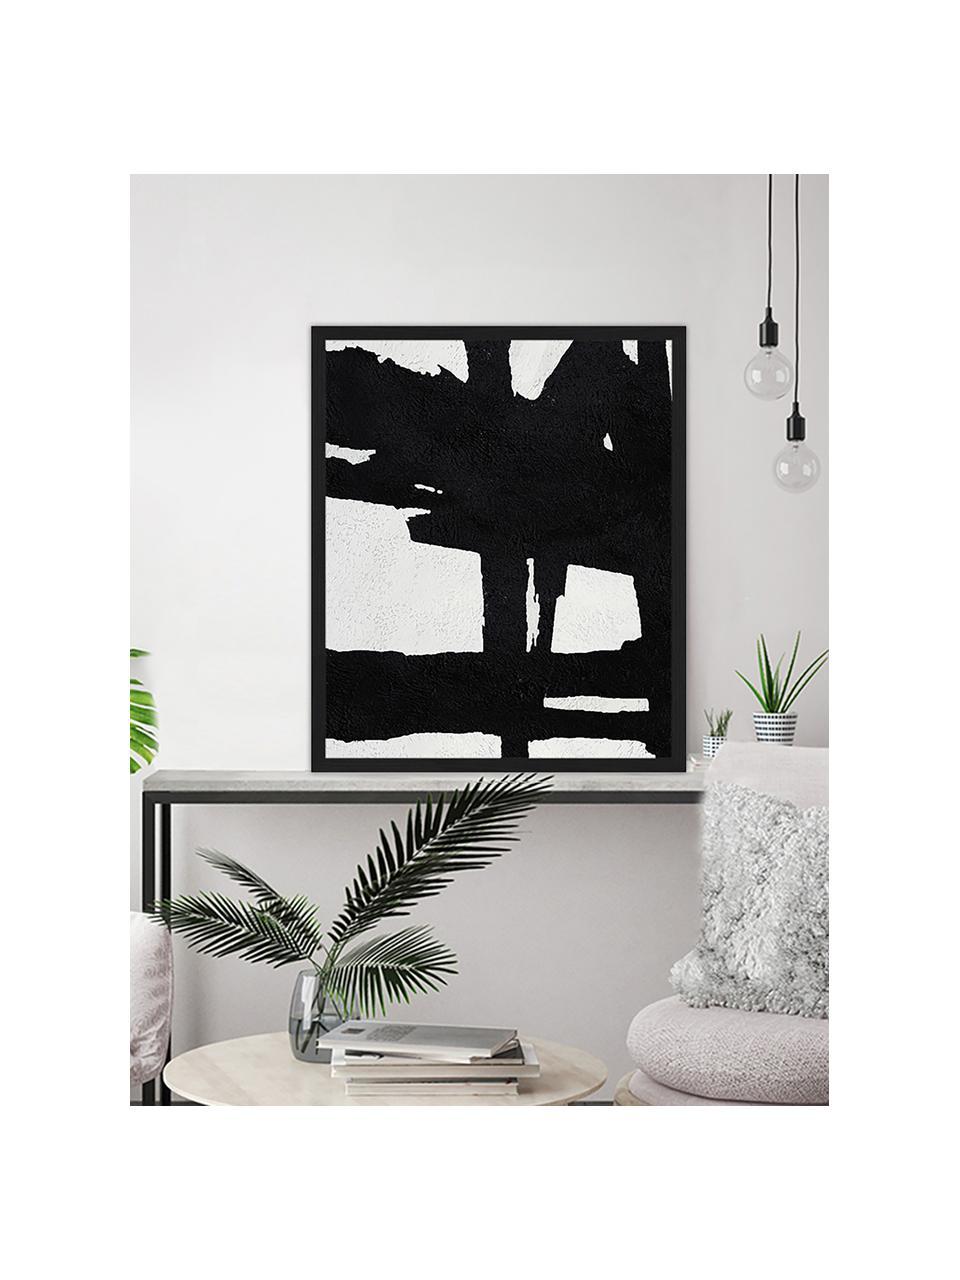 Gerahmter Digitaldruck Abstract Black, Bild: Digitaldruck auf Papier, , Rahmen: Holz, lackiert, Front: Plexiglas, Schwarz, Weiß, 53 x 63 cm